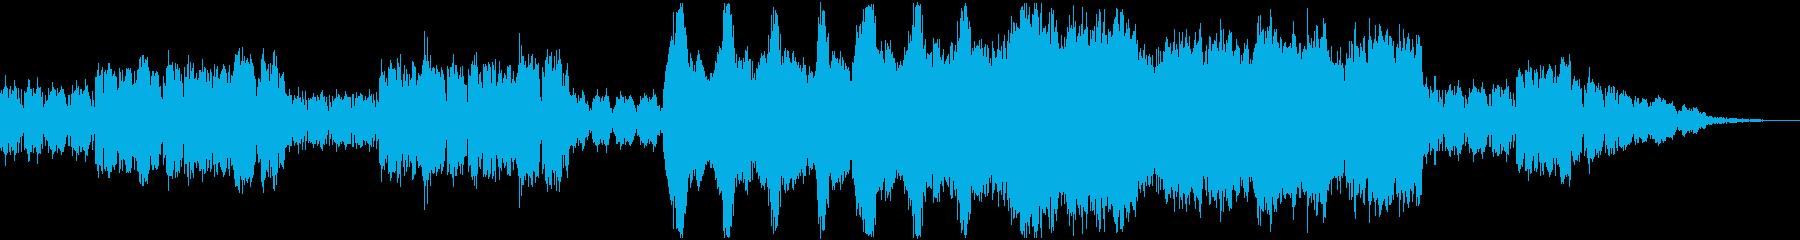 ワクワクしてくるBGMの再生済みの波形